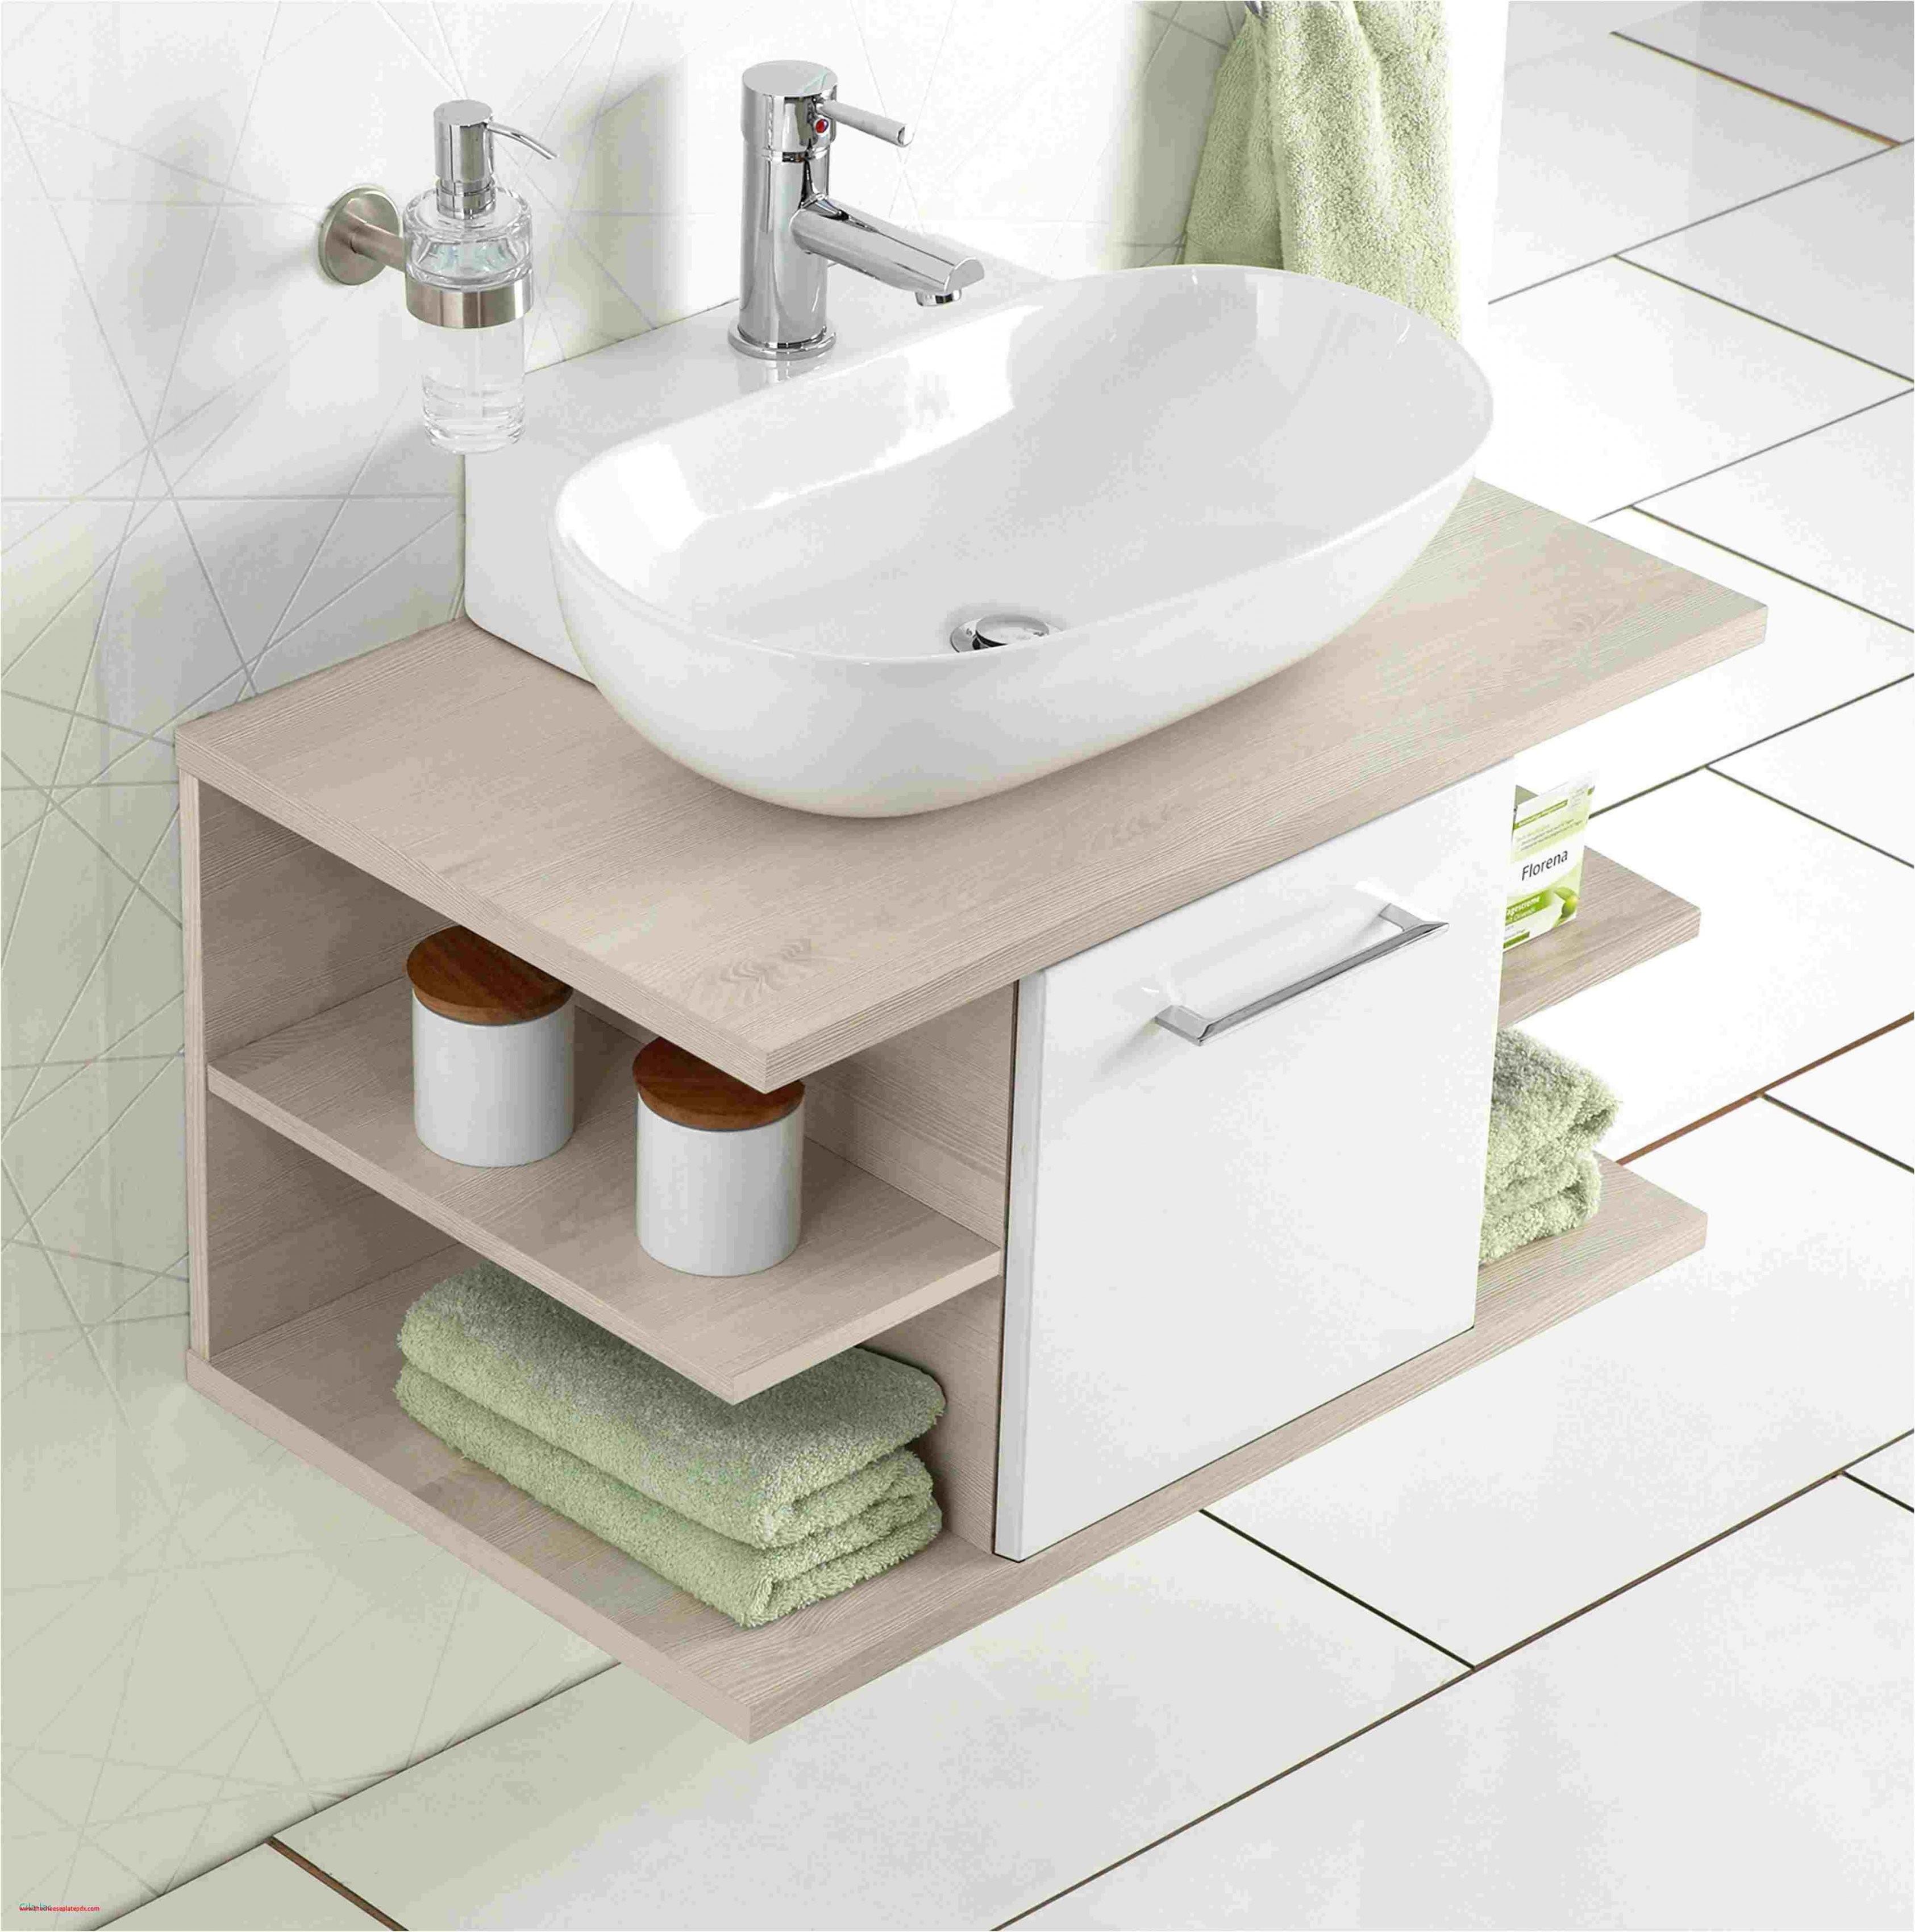 28 Erstaunlich Waschbecken Mit Unterschrank Für Kleine Bäder von Waschbecken Für Kleine Bäder Bild